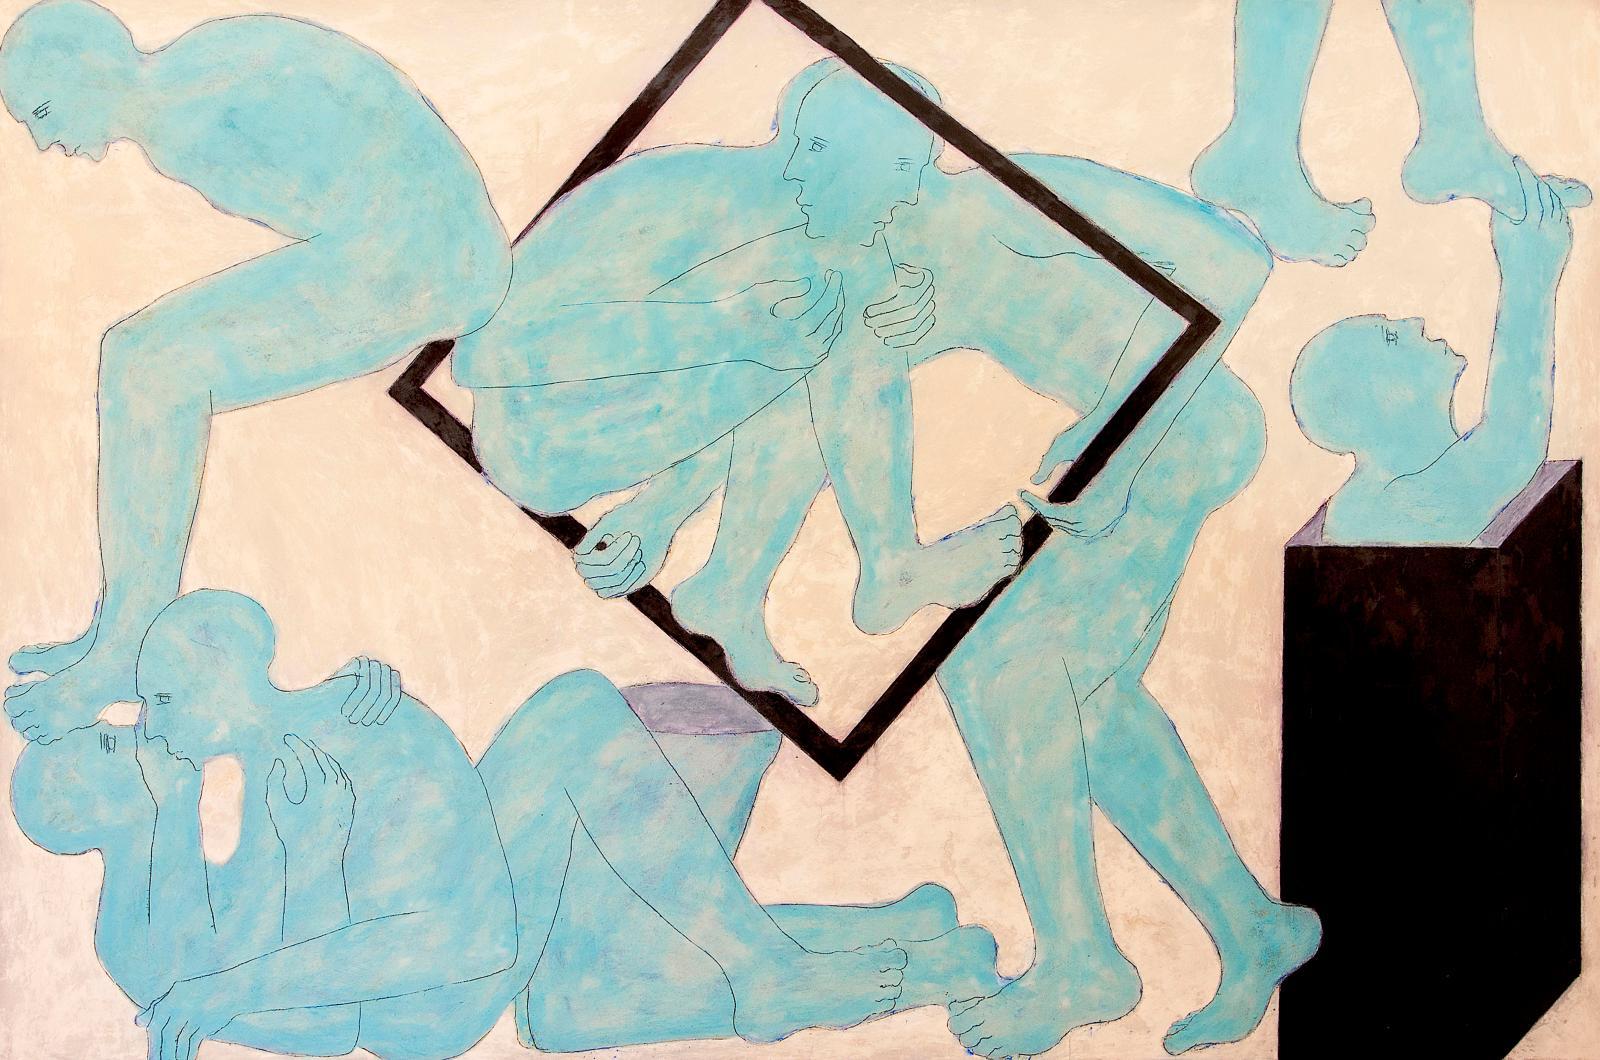 Mahi Binebine (né en 1959), Sans titre, 2017, cire et pigments sur panneau, 200x300cm.